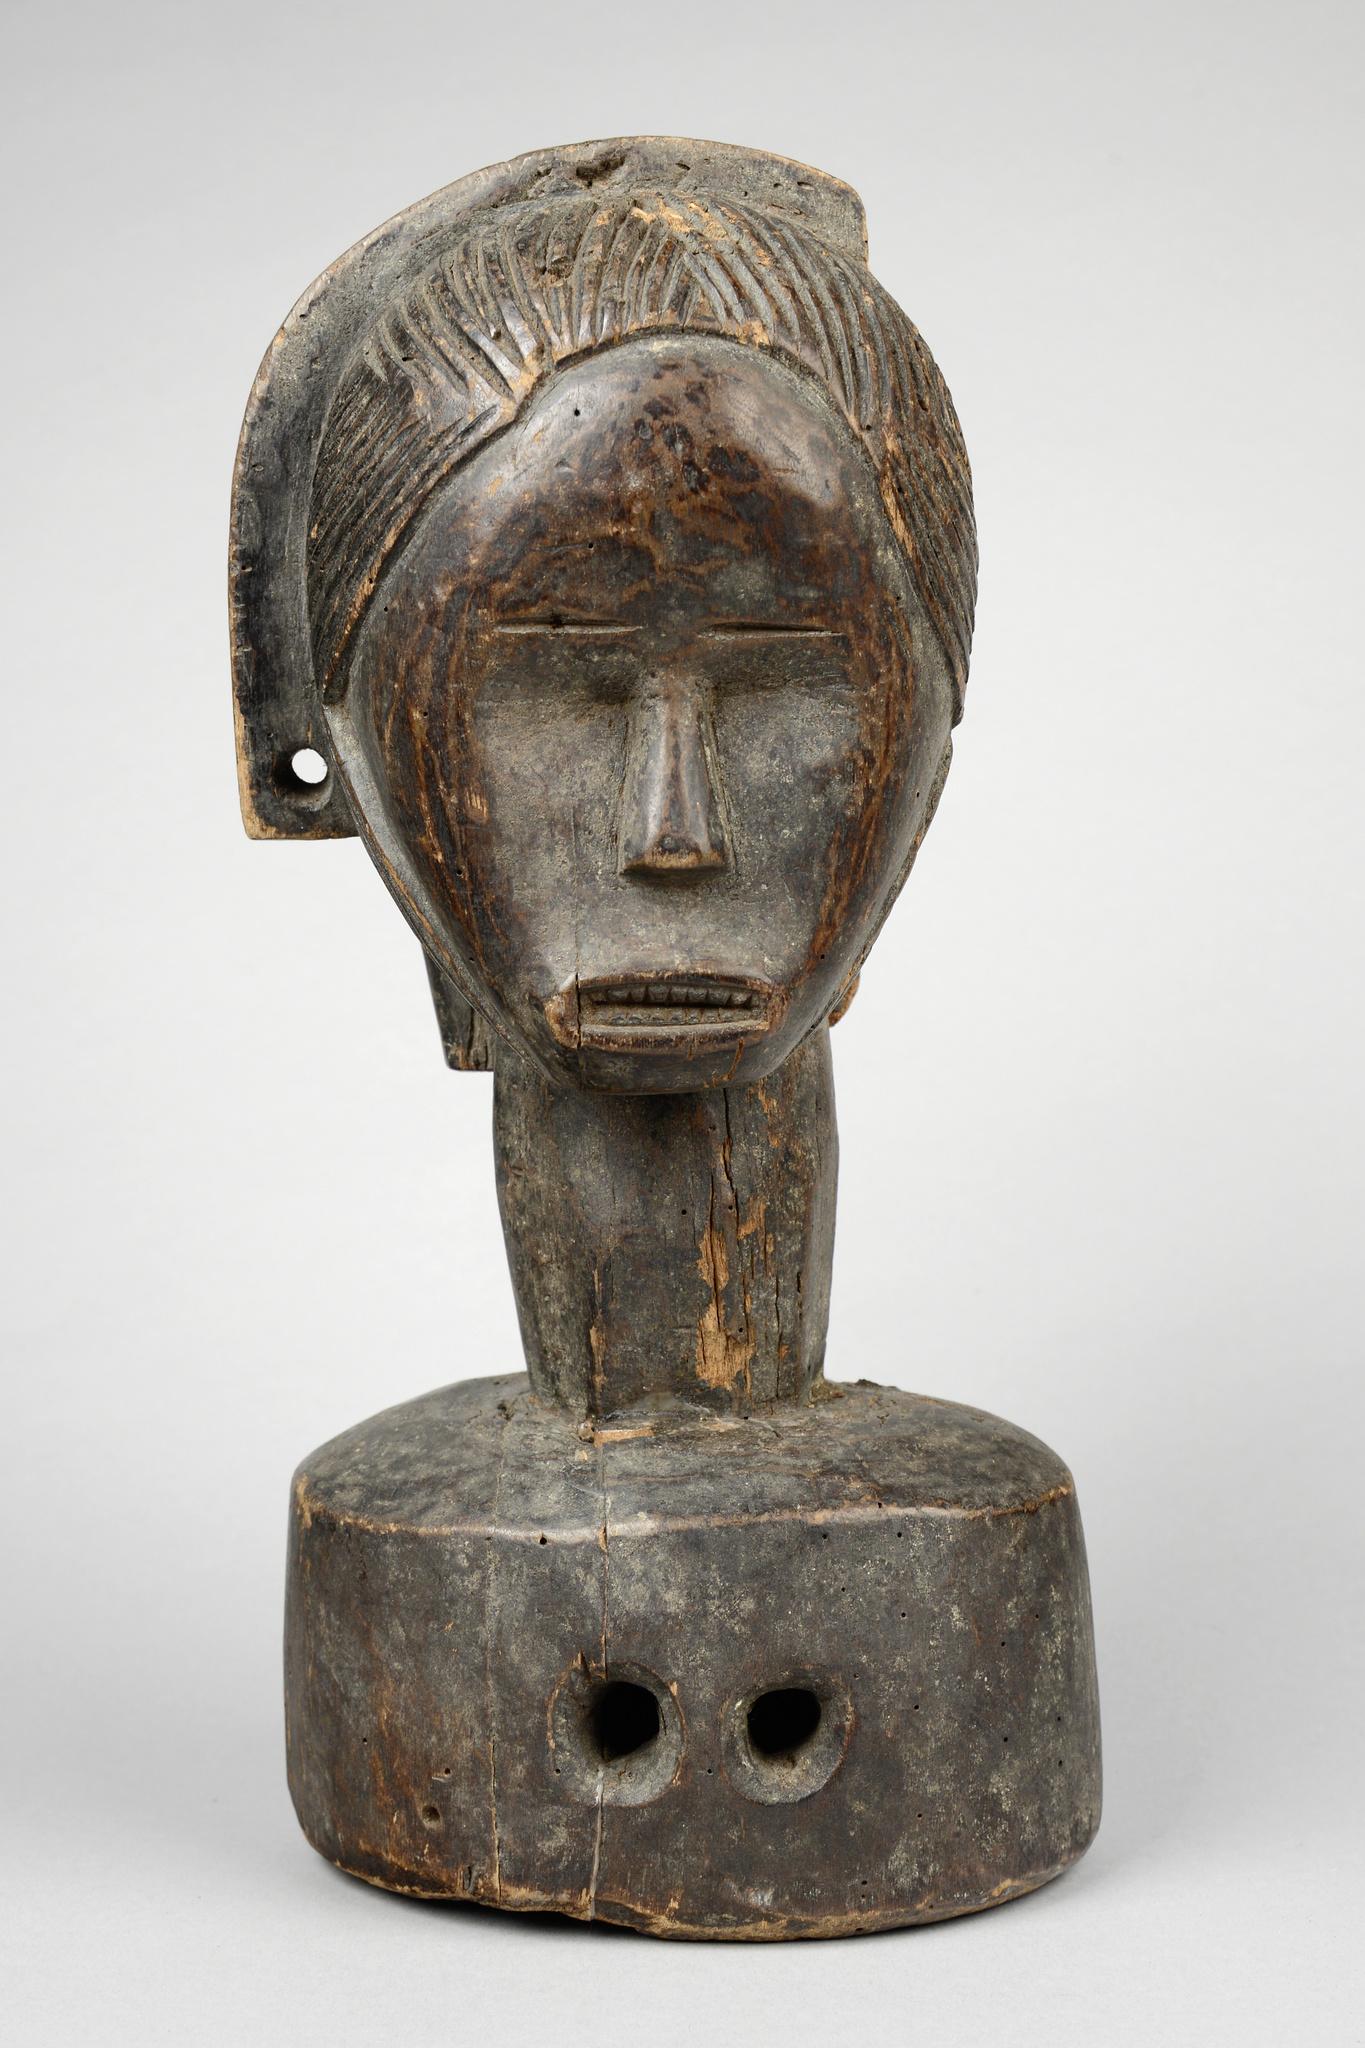 Anthropomorphic head